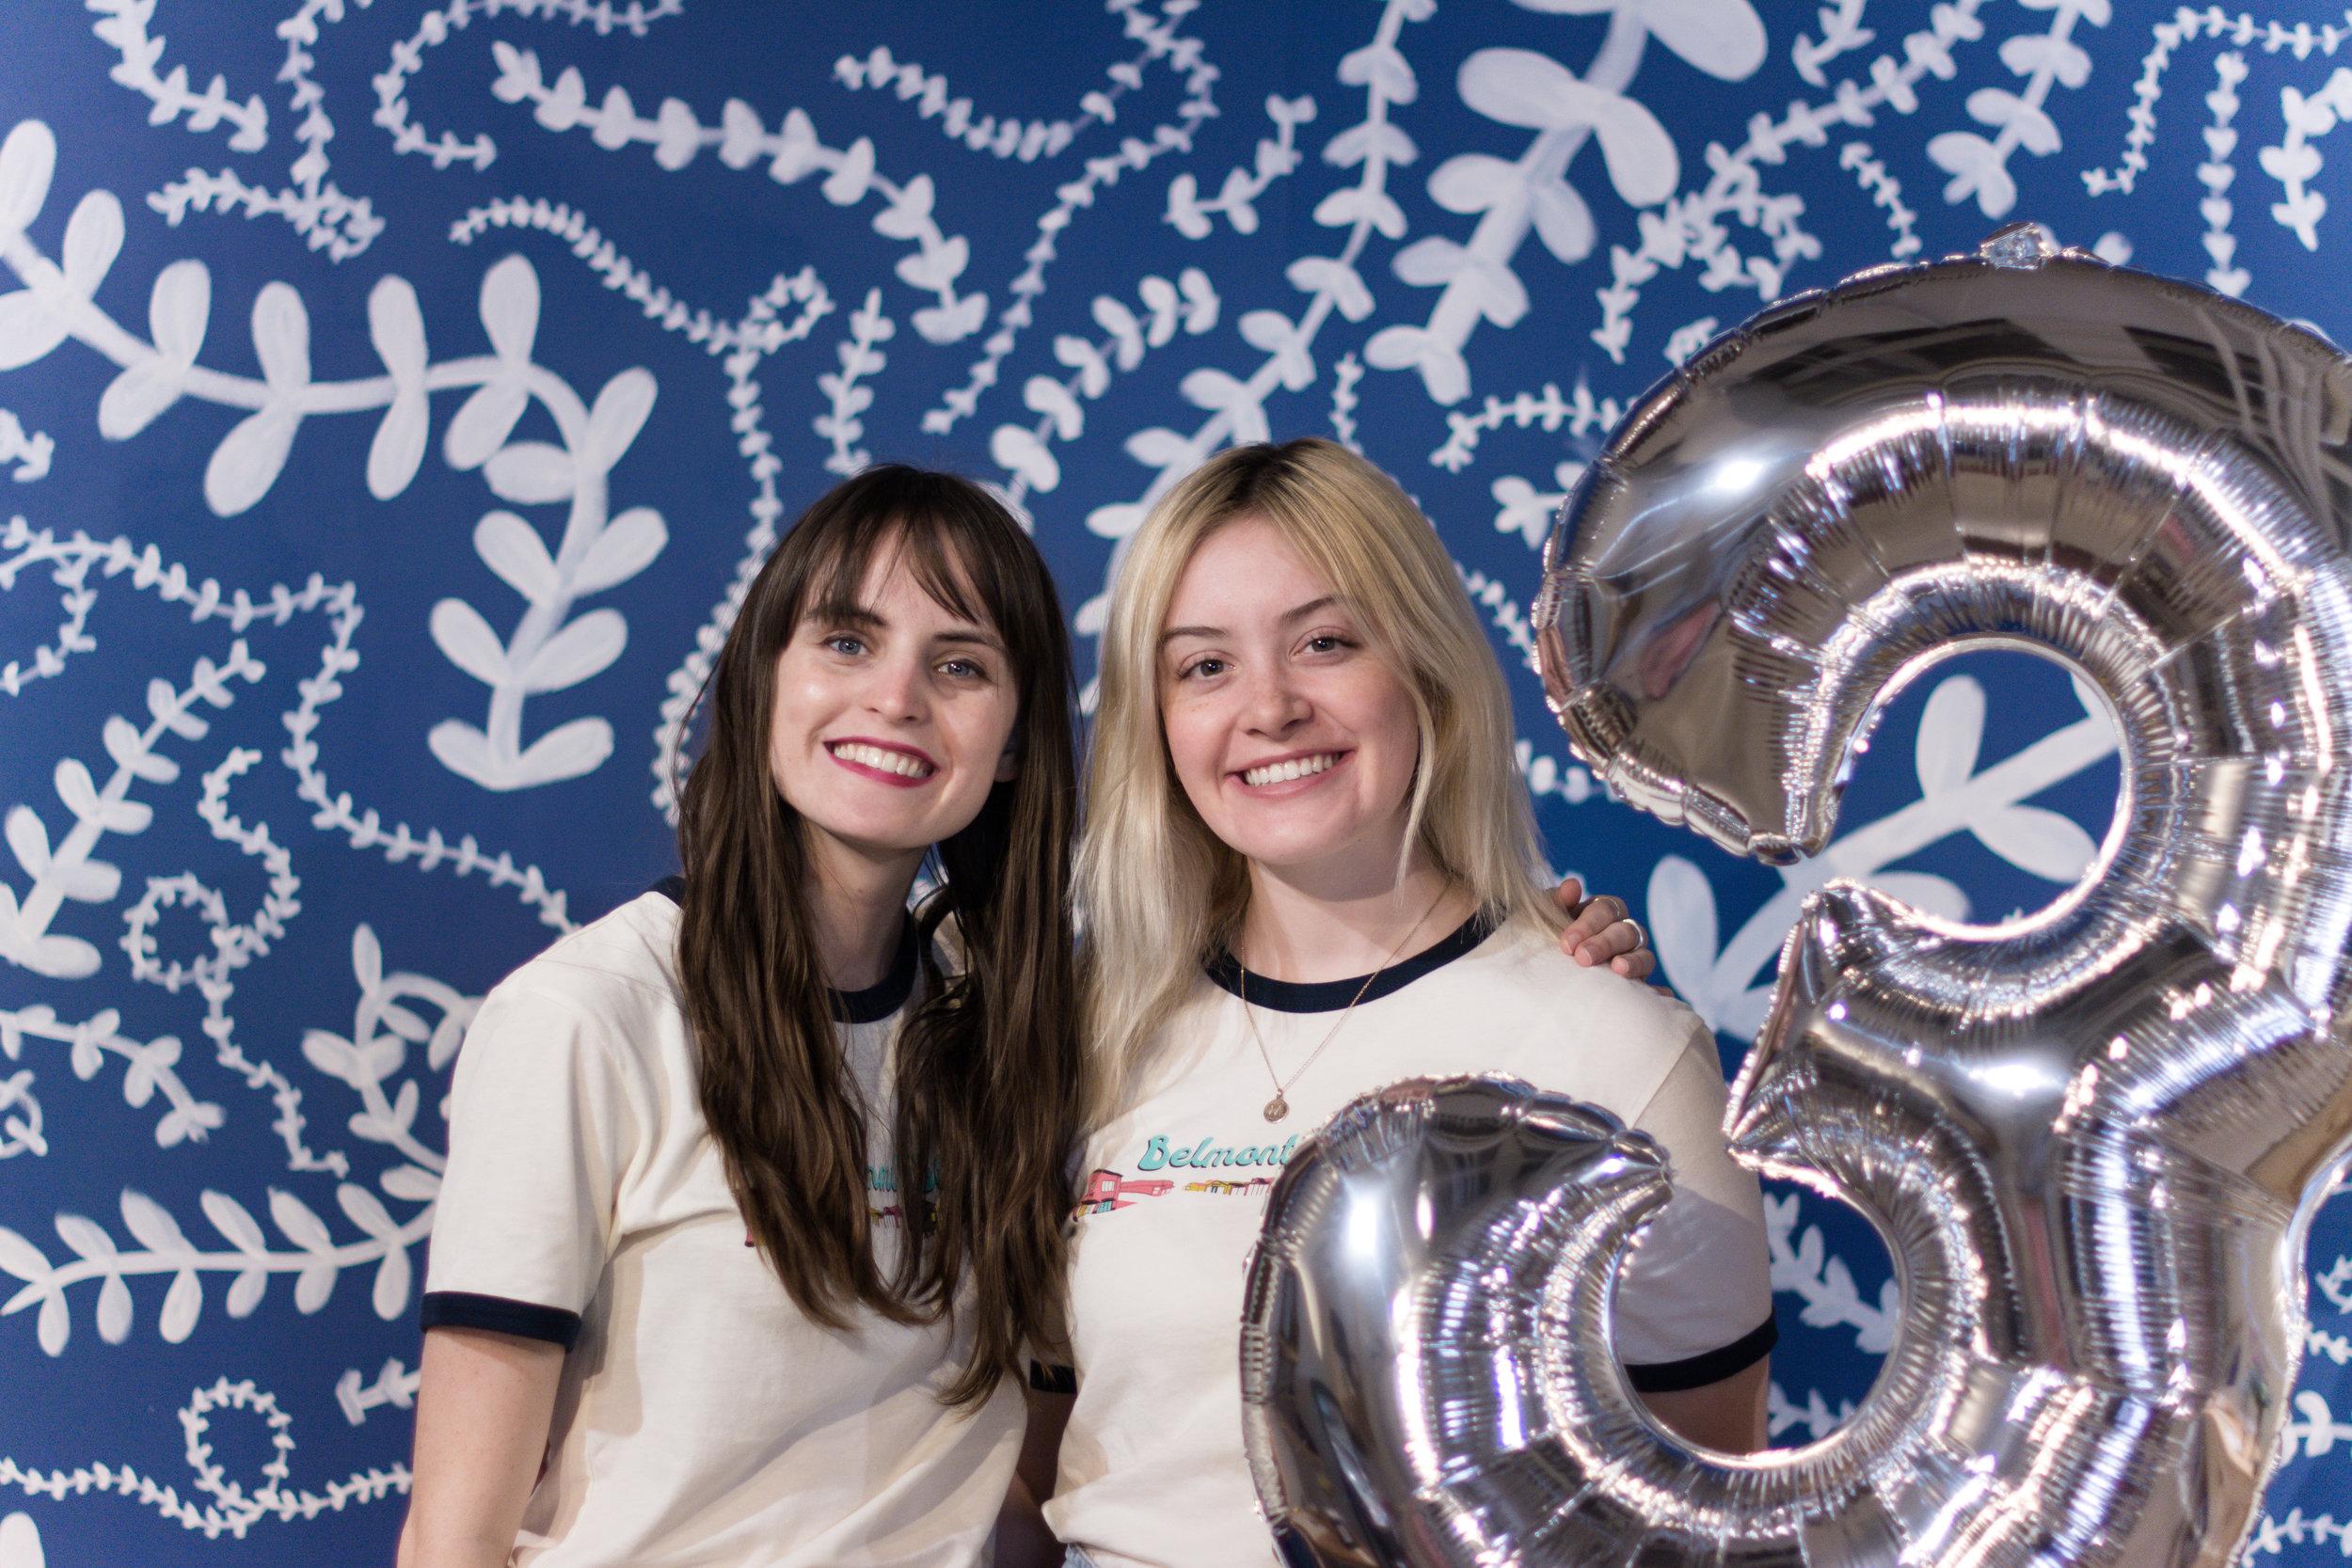 Hannah and Megan